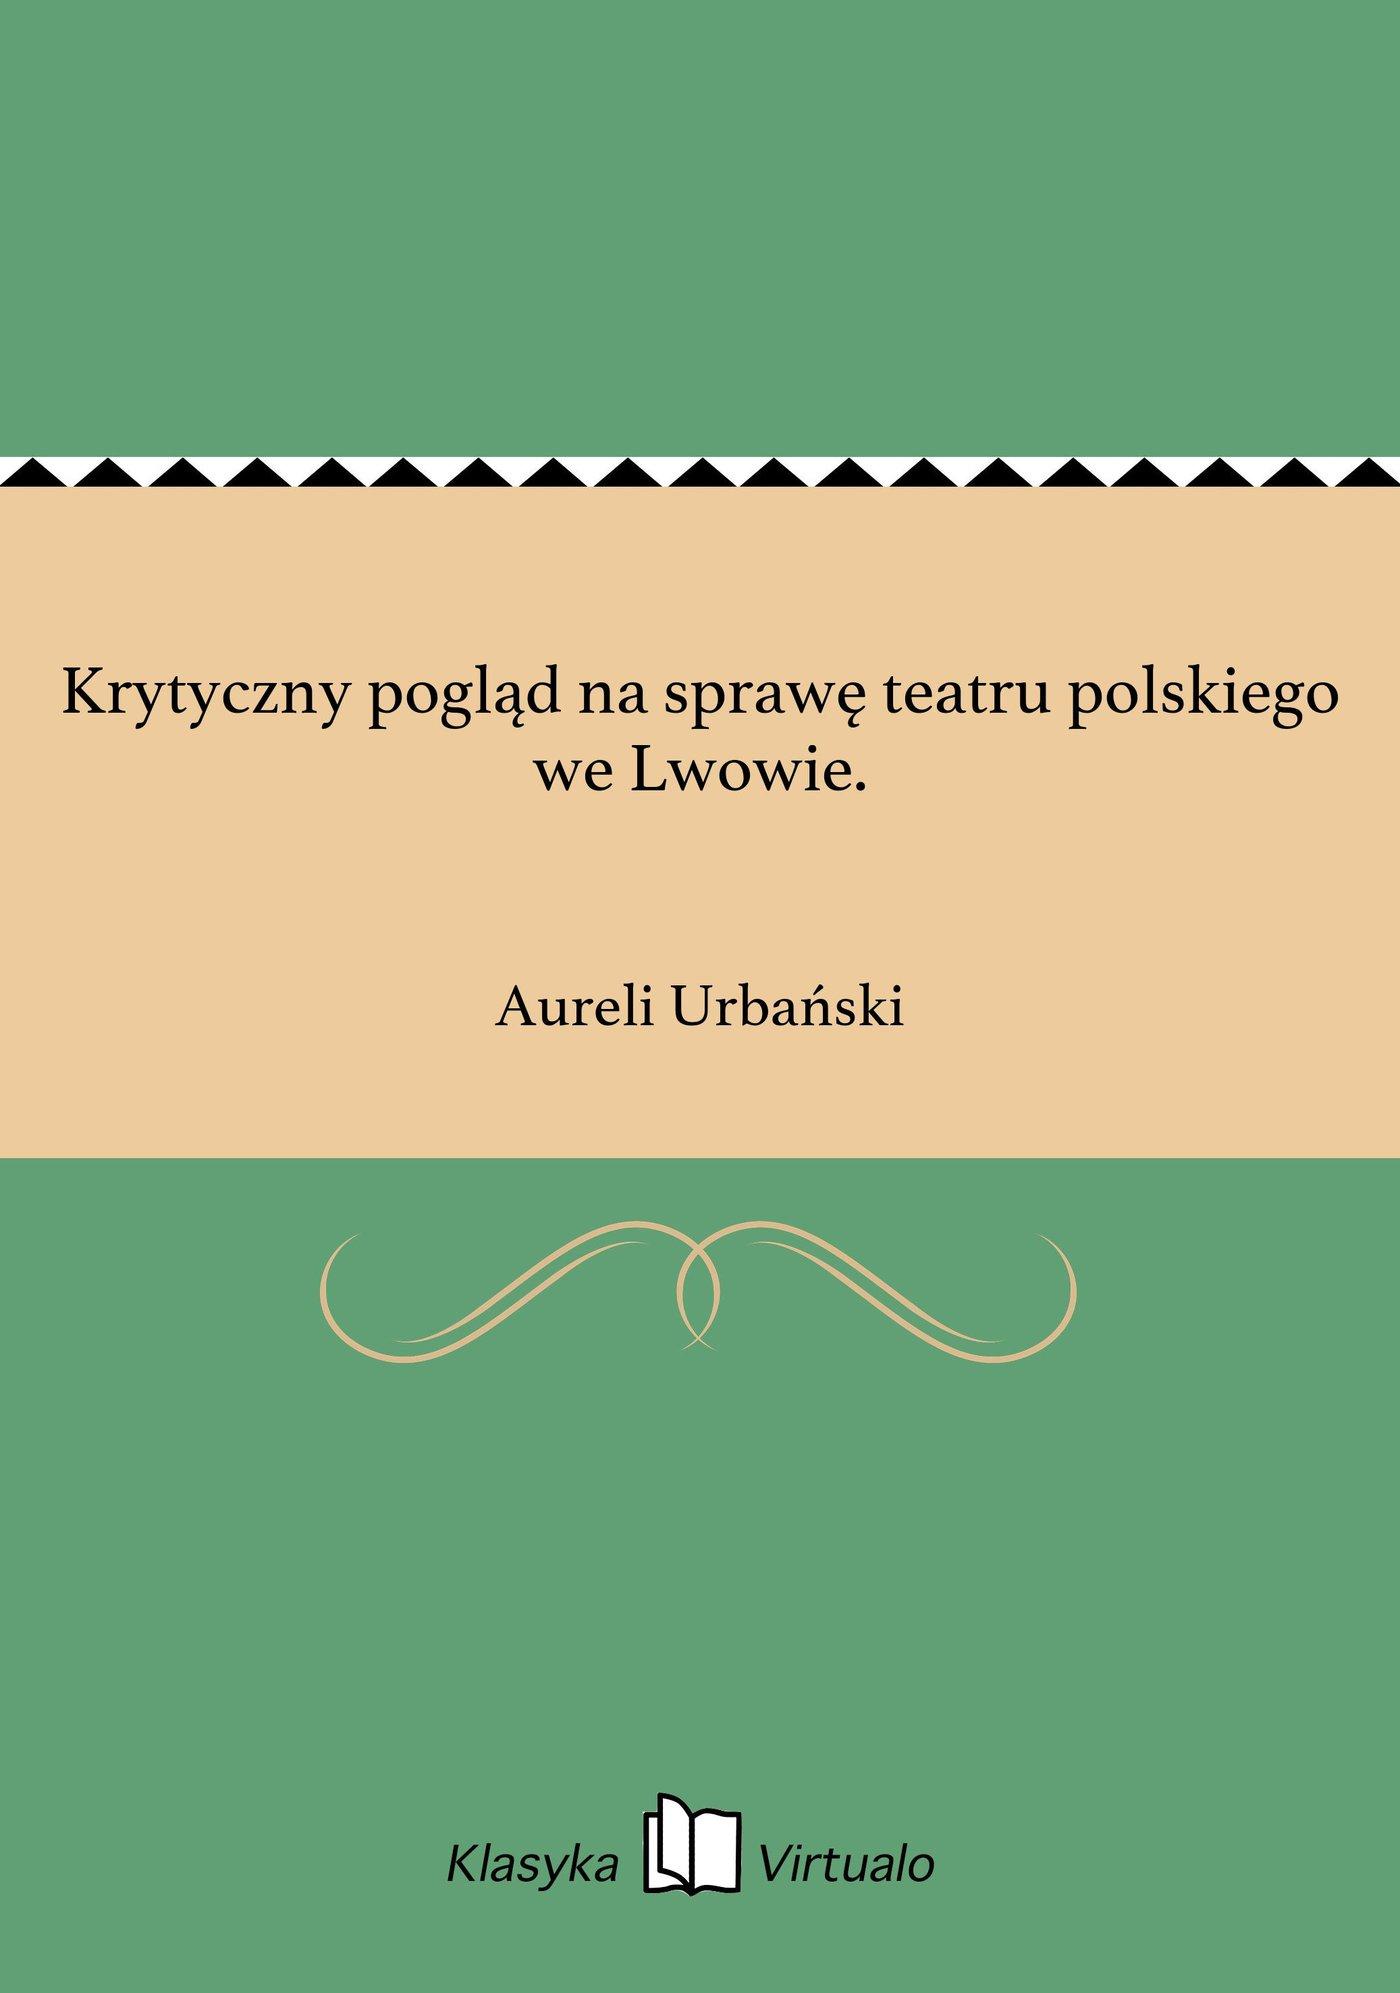 Krytyczny pogląd na sprawę teatru polskiego we Lwowie. - Ebook (Książka EPUB) do pobrania w formacie EPUB